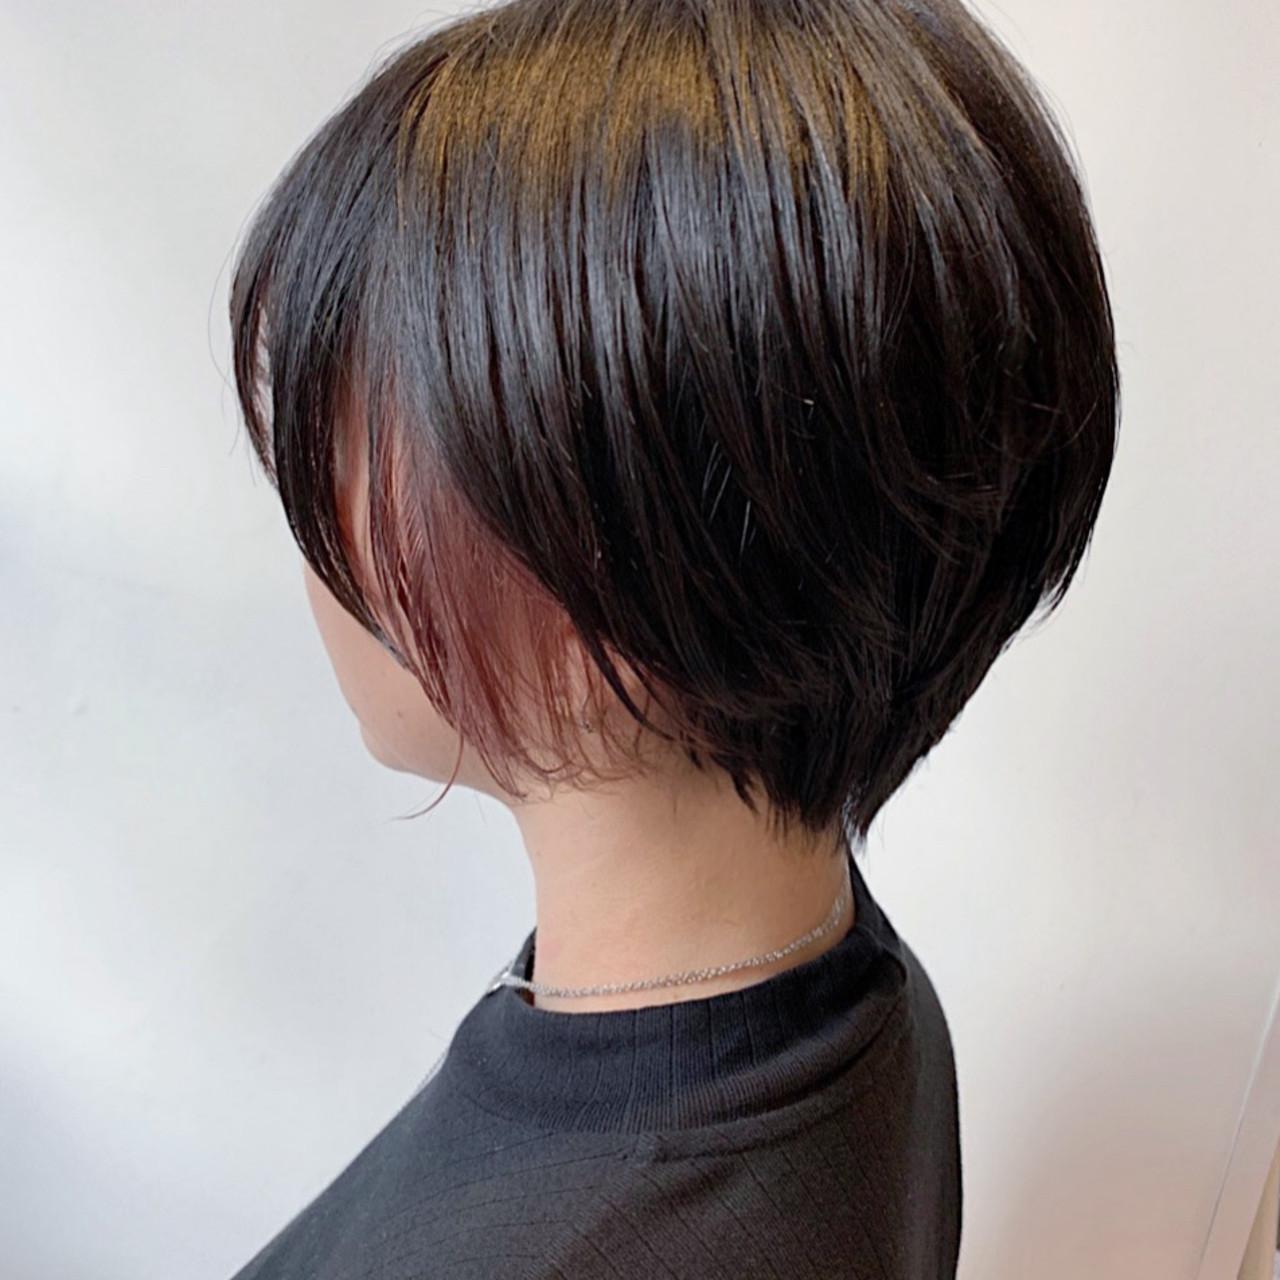 外国人風フェミニン イヤリングカラー インナーカラー ピンクベージュ ヘアスタイルや髪型の写真・画像[エリア]